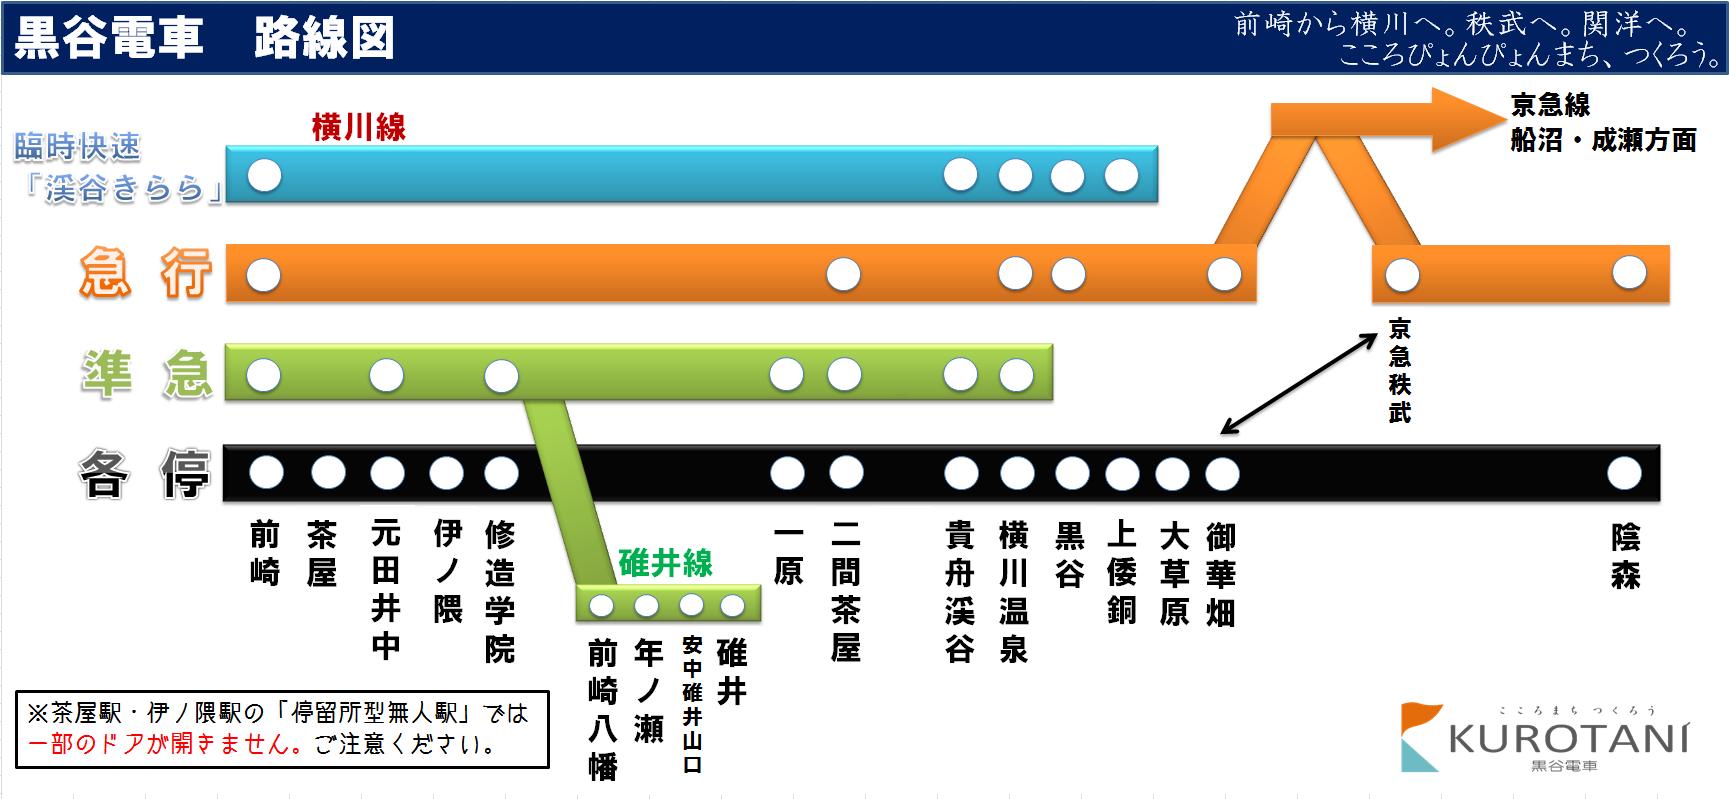 4話路線図.png